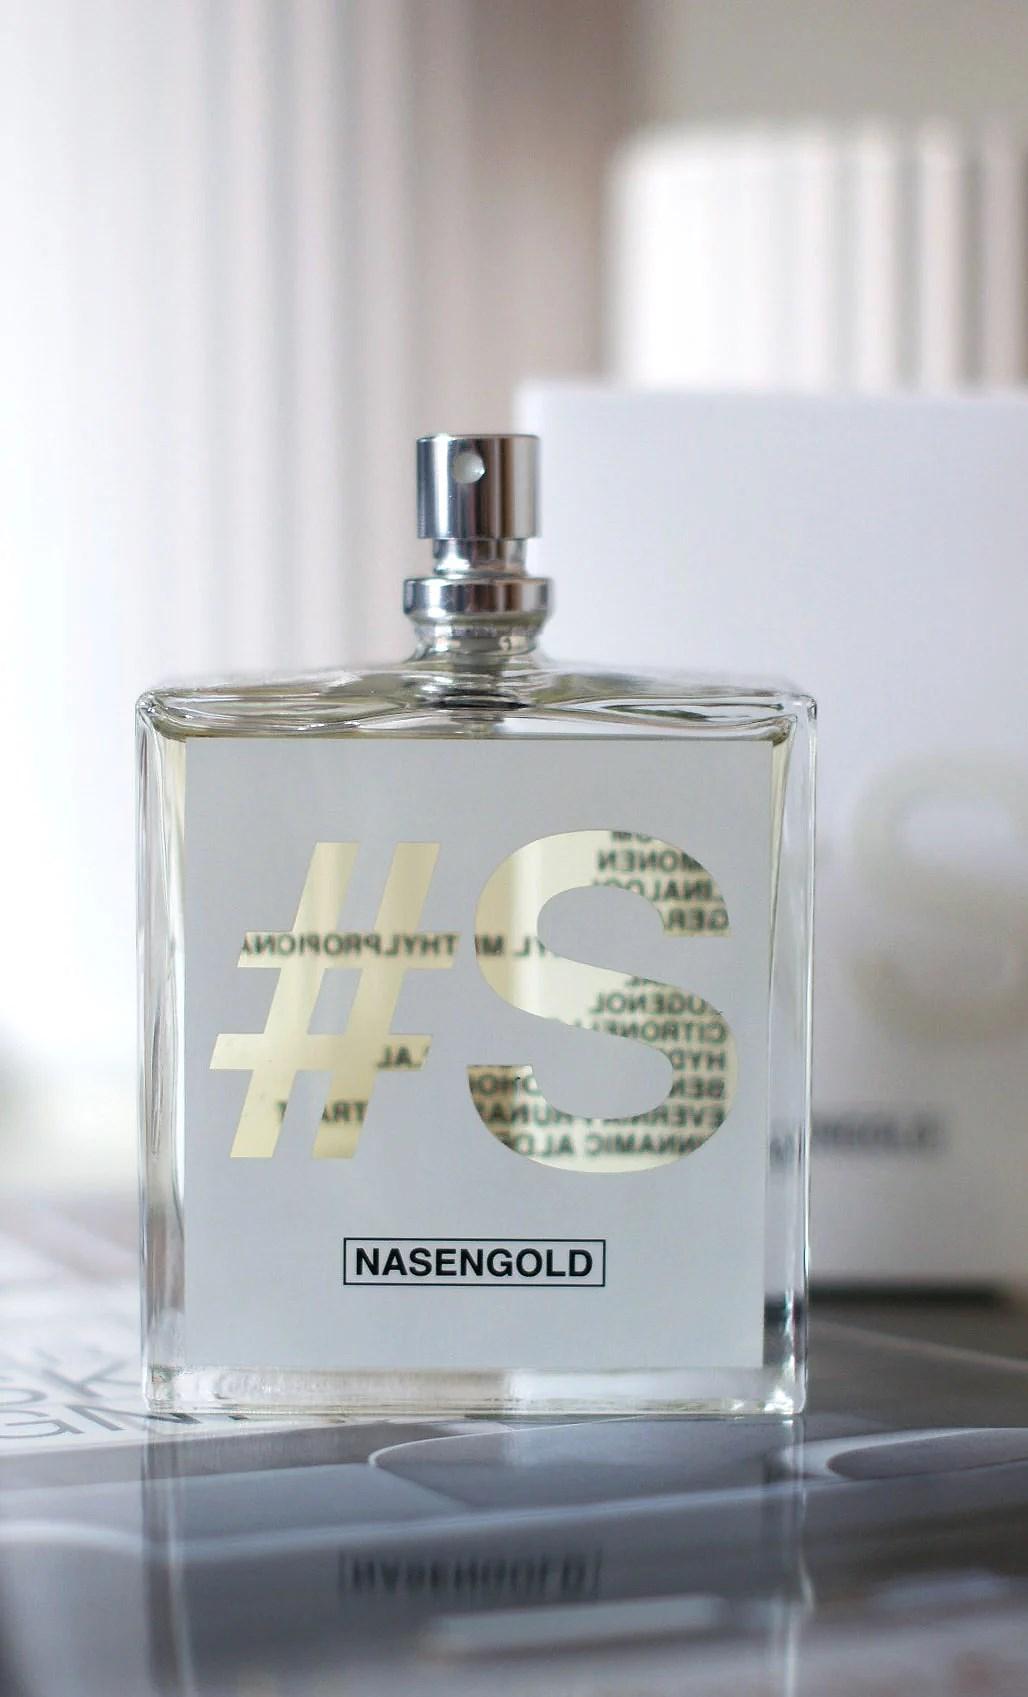 Nasengold parfume, Danisk Beauty Award vinder, Nicheduft, It's My Passions, Julie Mænnchen, Modeblogger, Skønhed, Aalborg blogger, Aalborg modeblogger, Nasengold